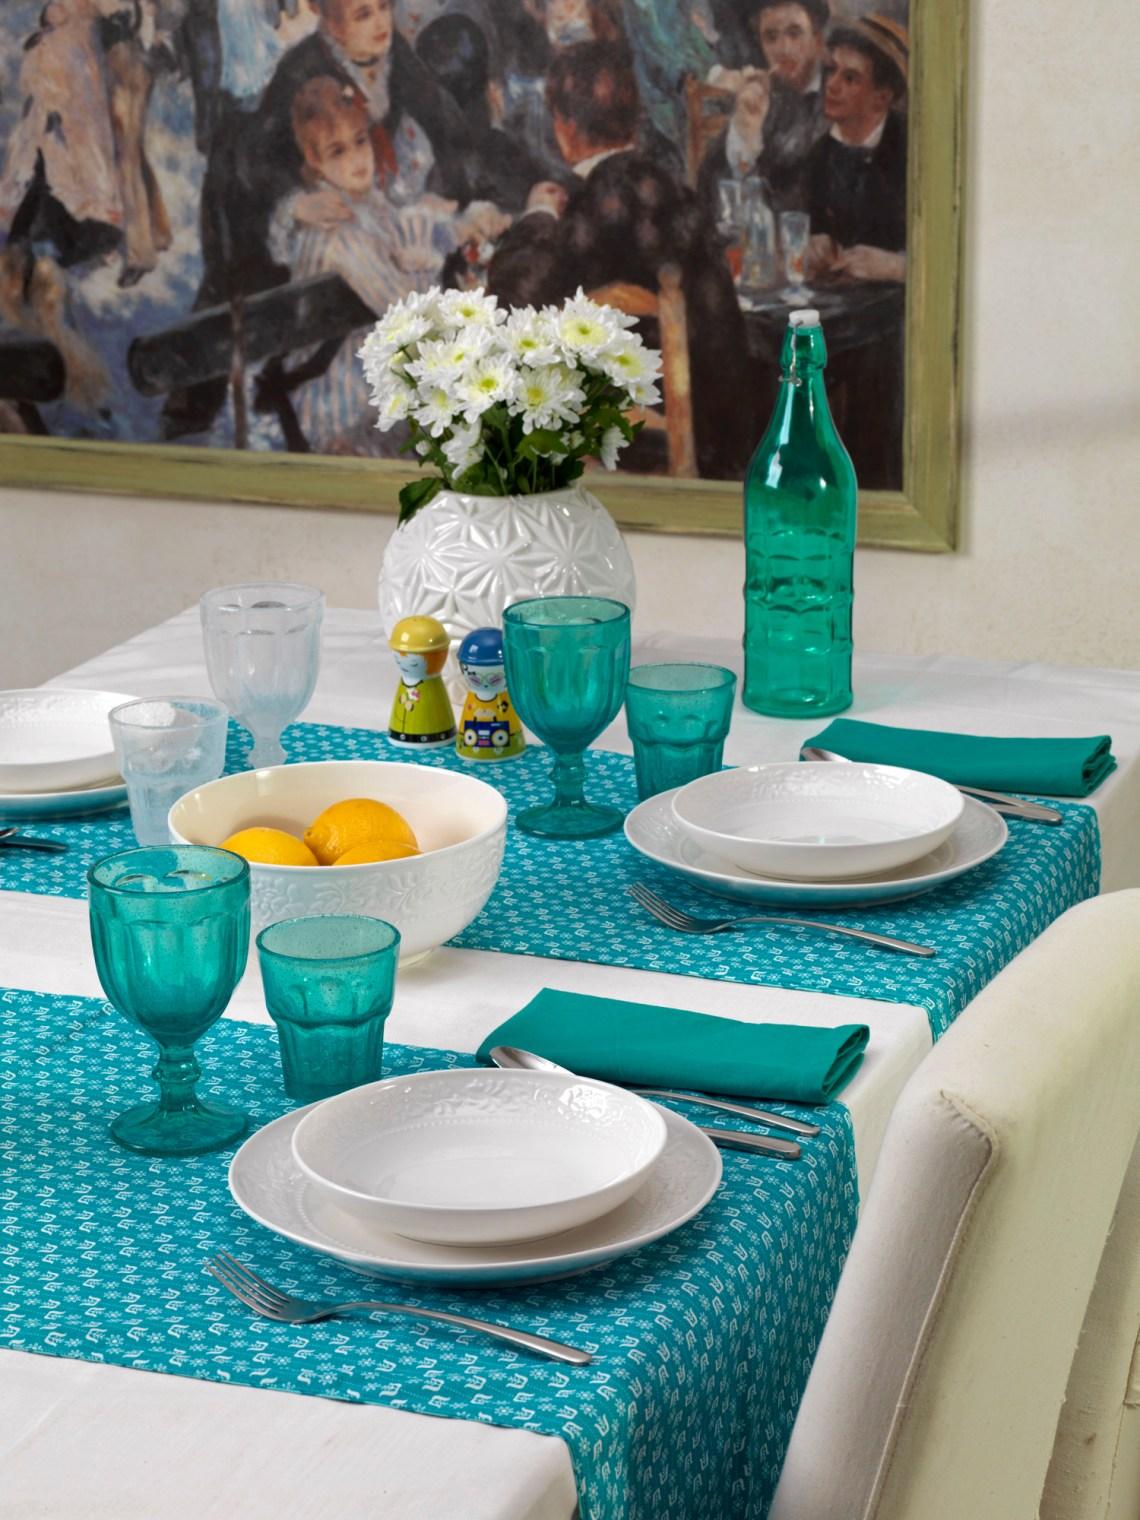 servizio piatti bianco con bicchieri azzurri